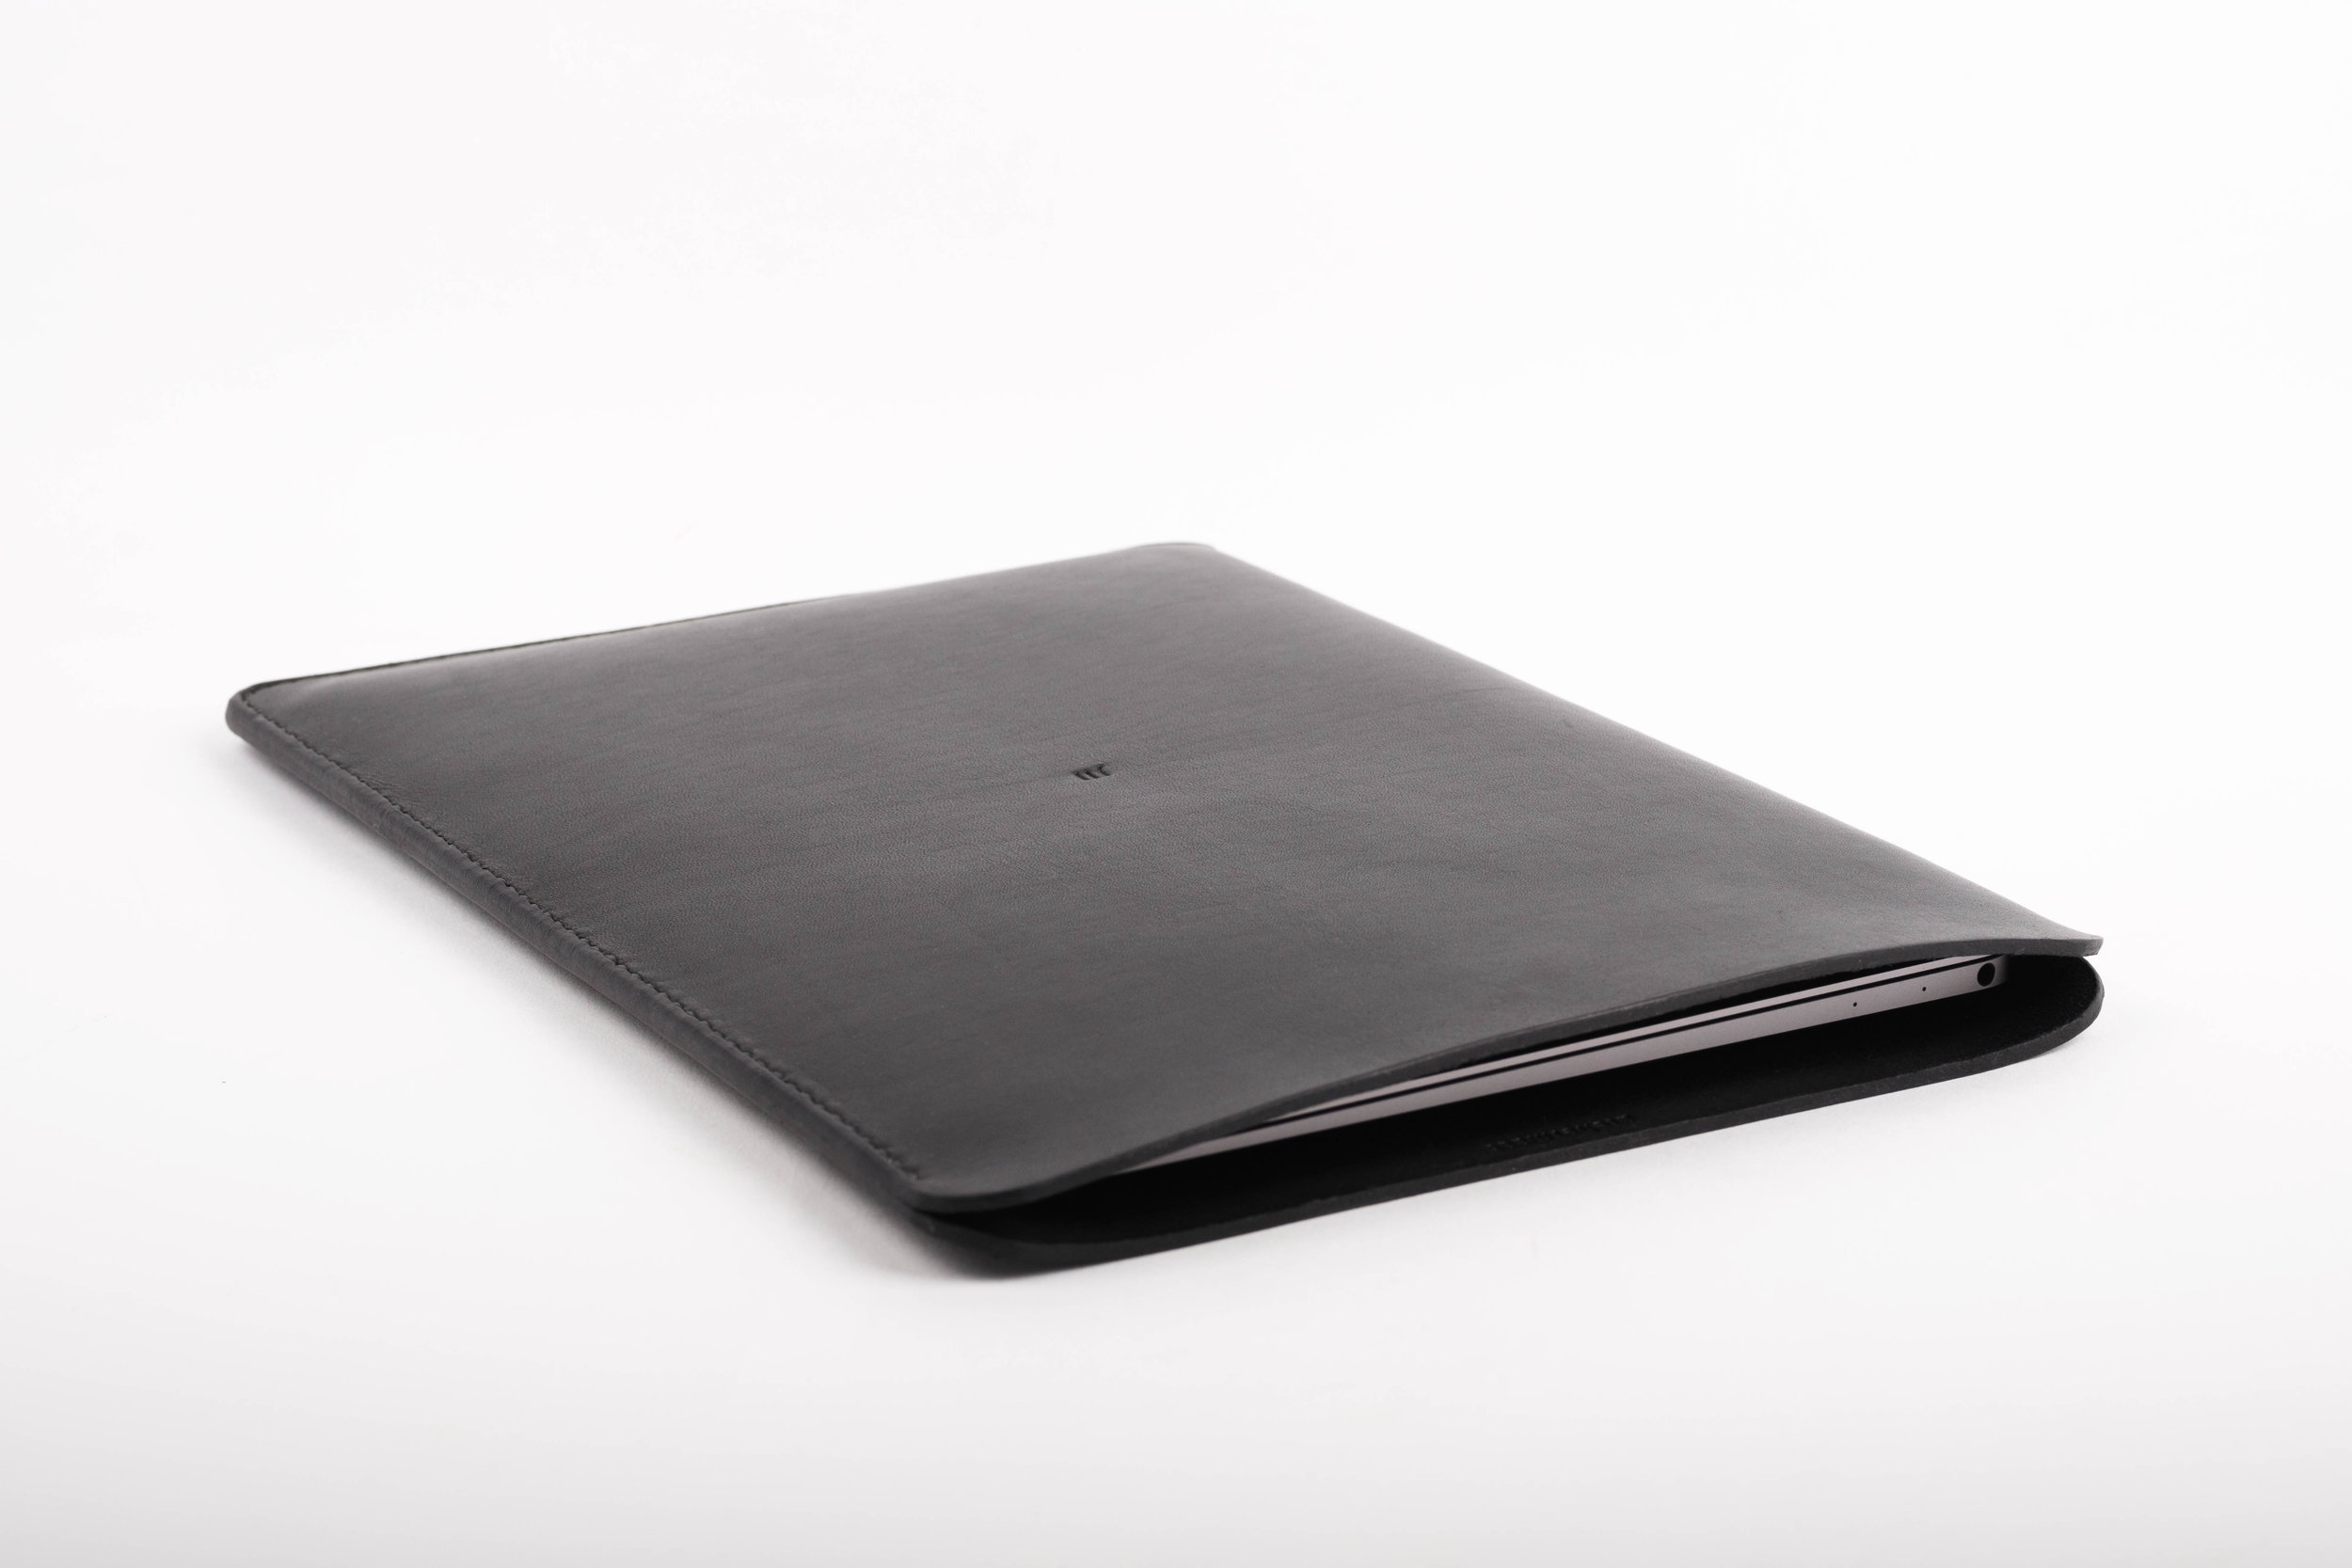 macbook.case.leather.handmade.ateliermaas.10.jpg